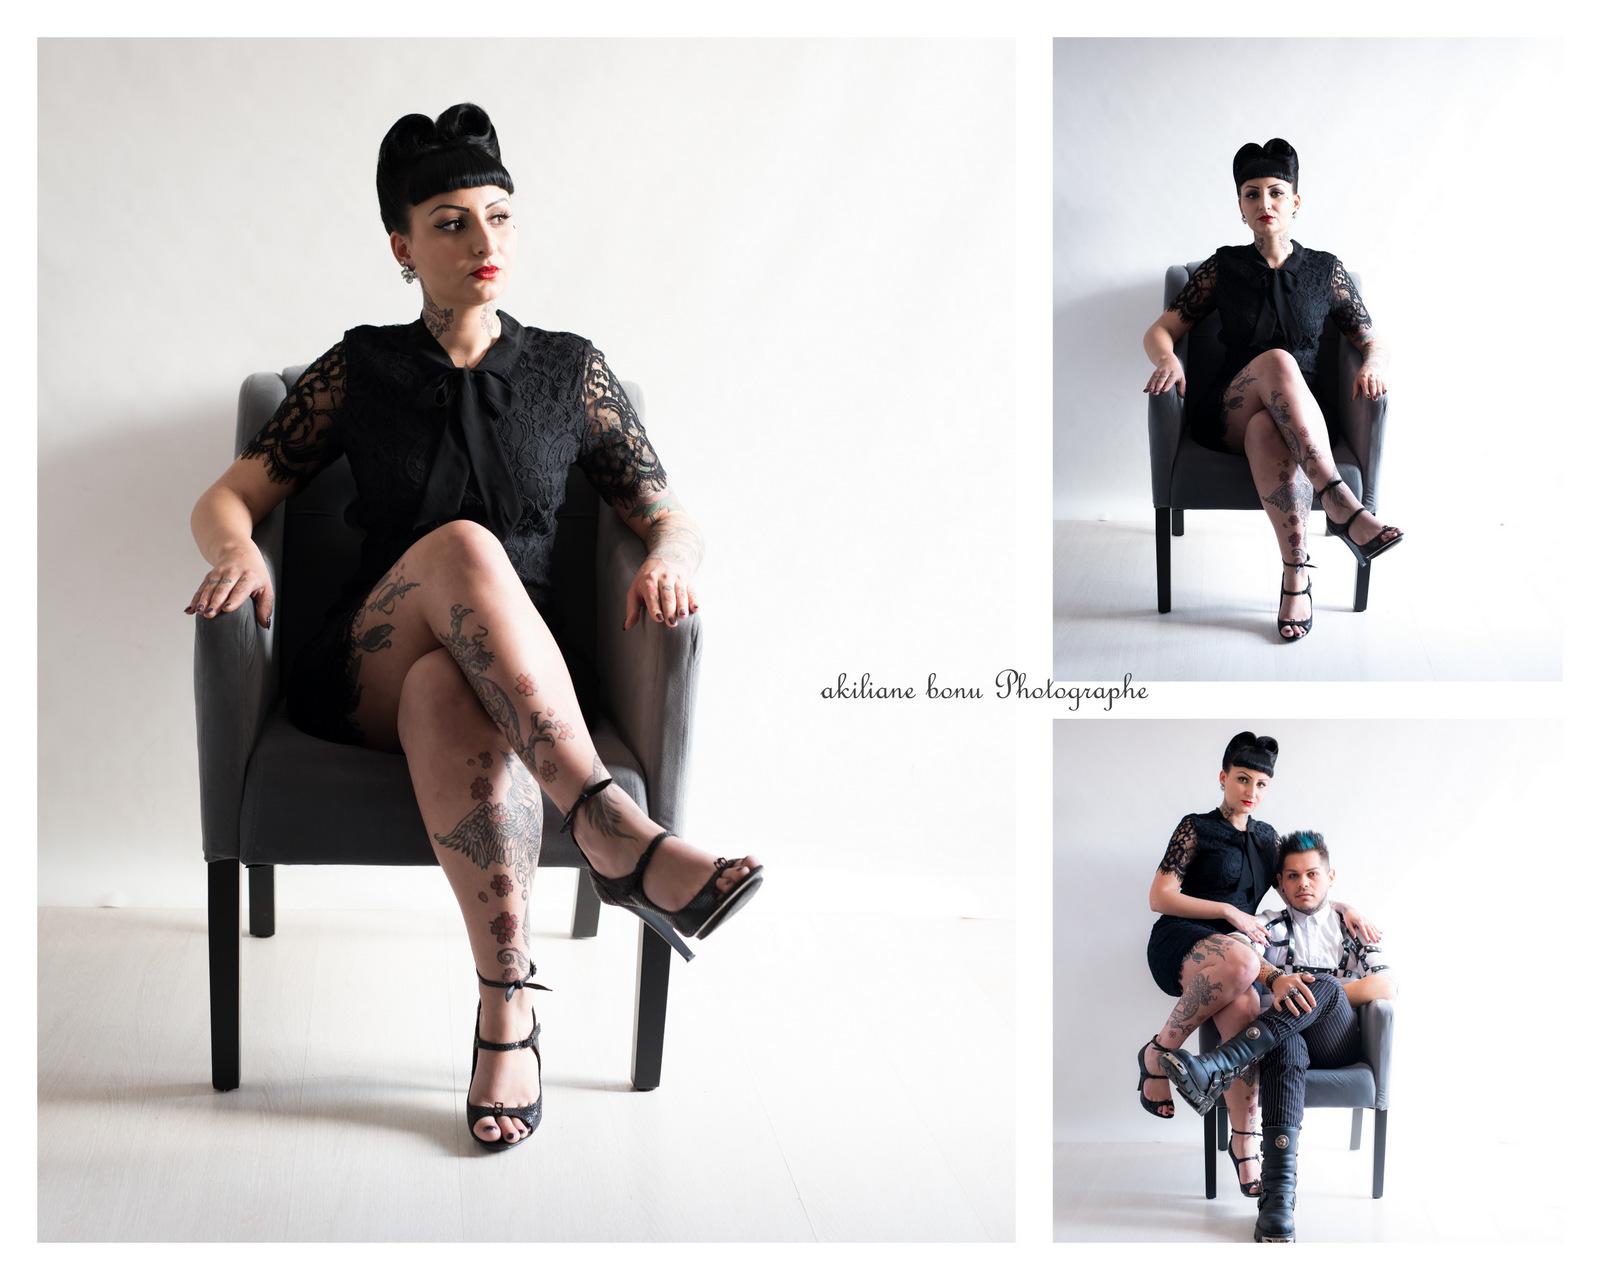 photographe portrait de femme var